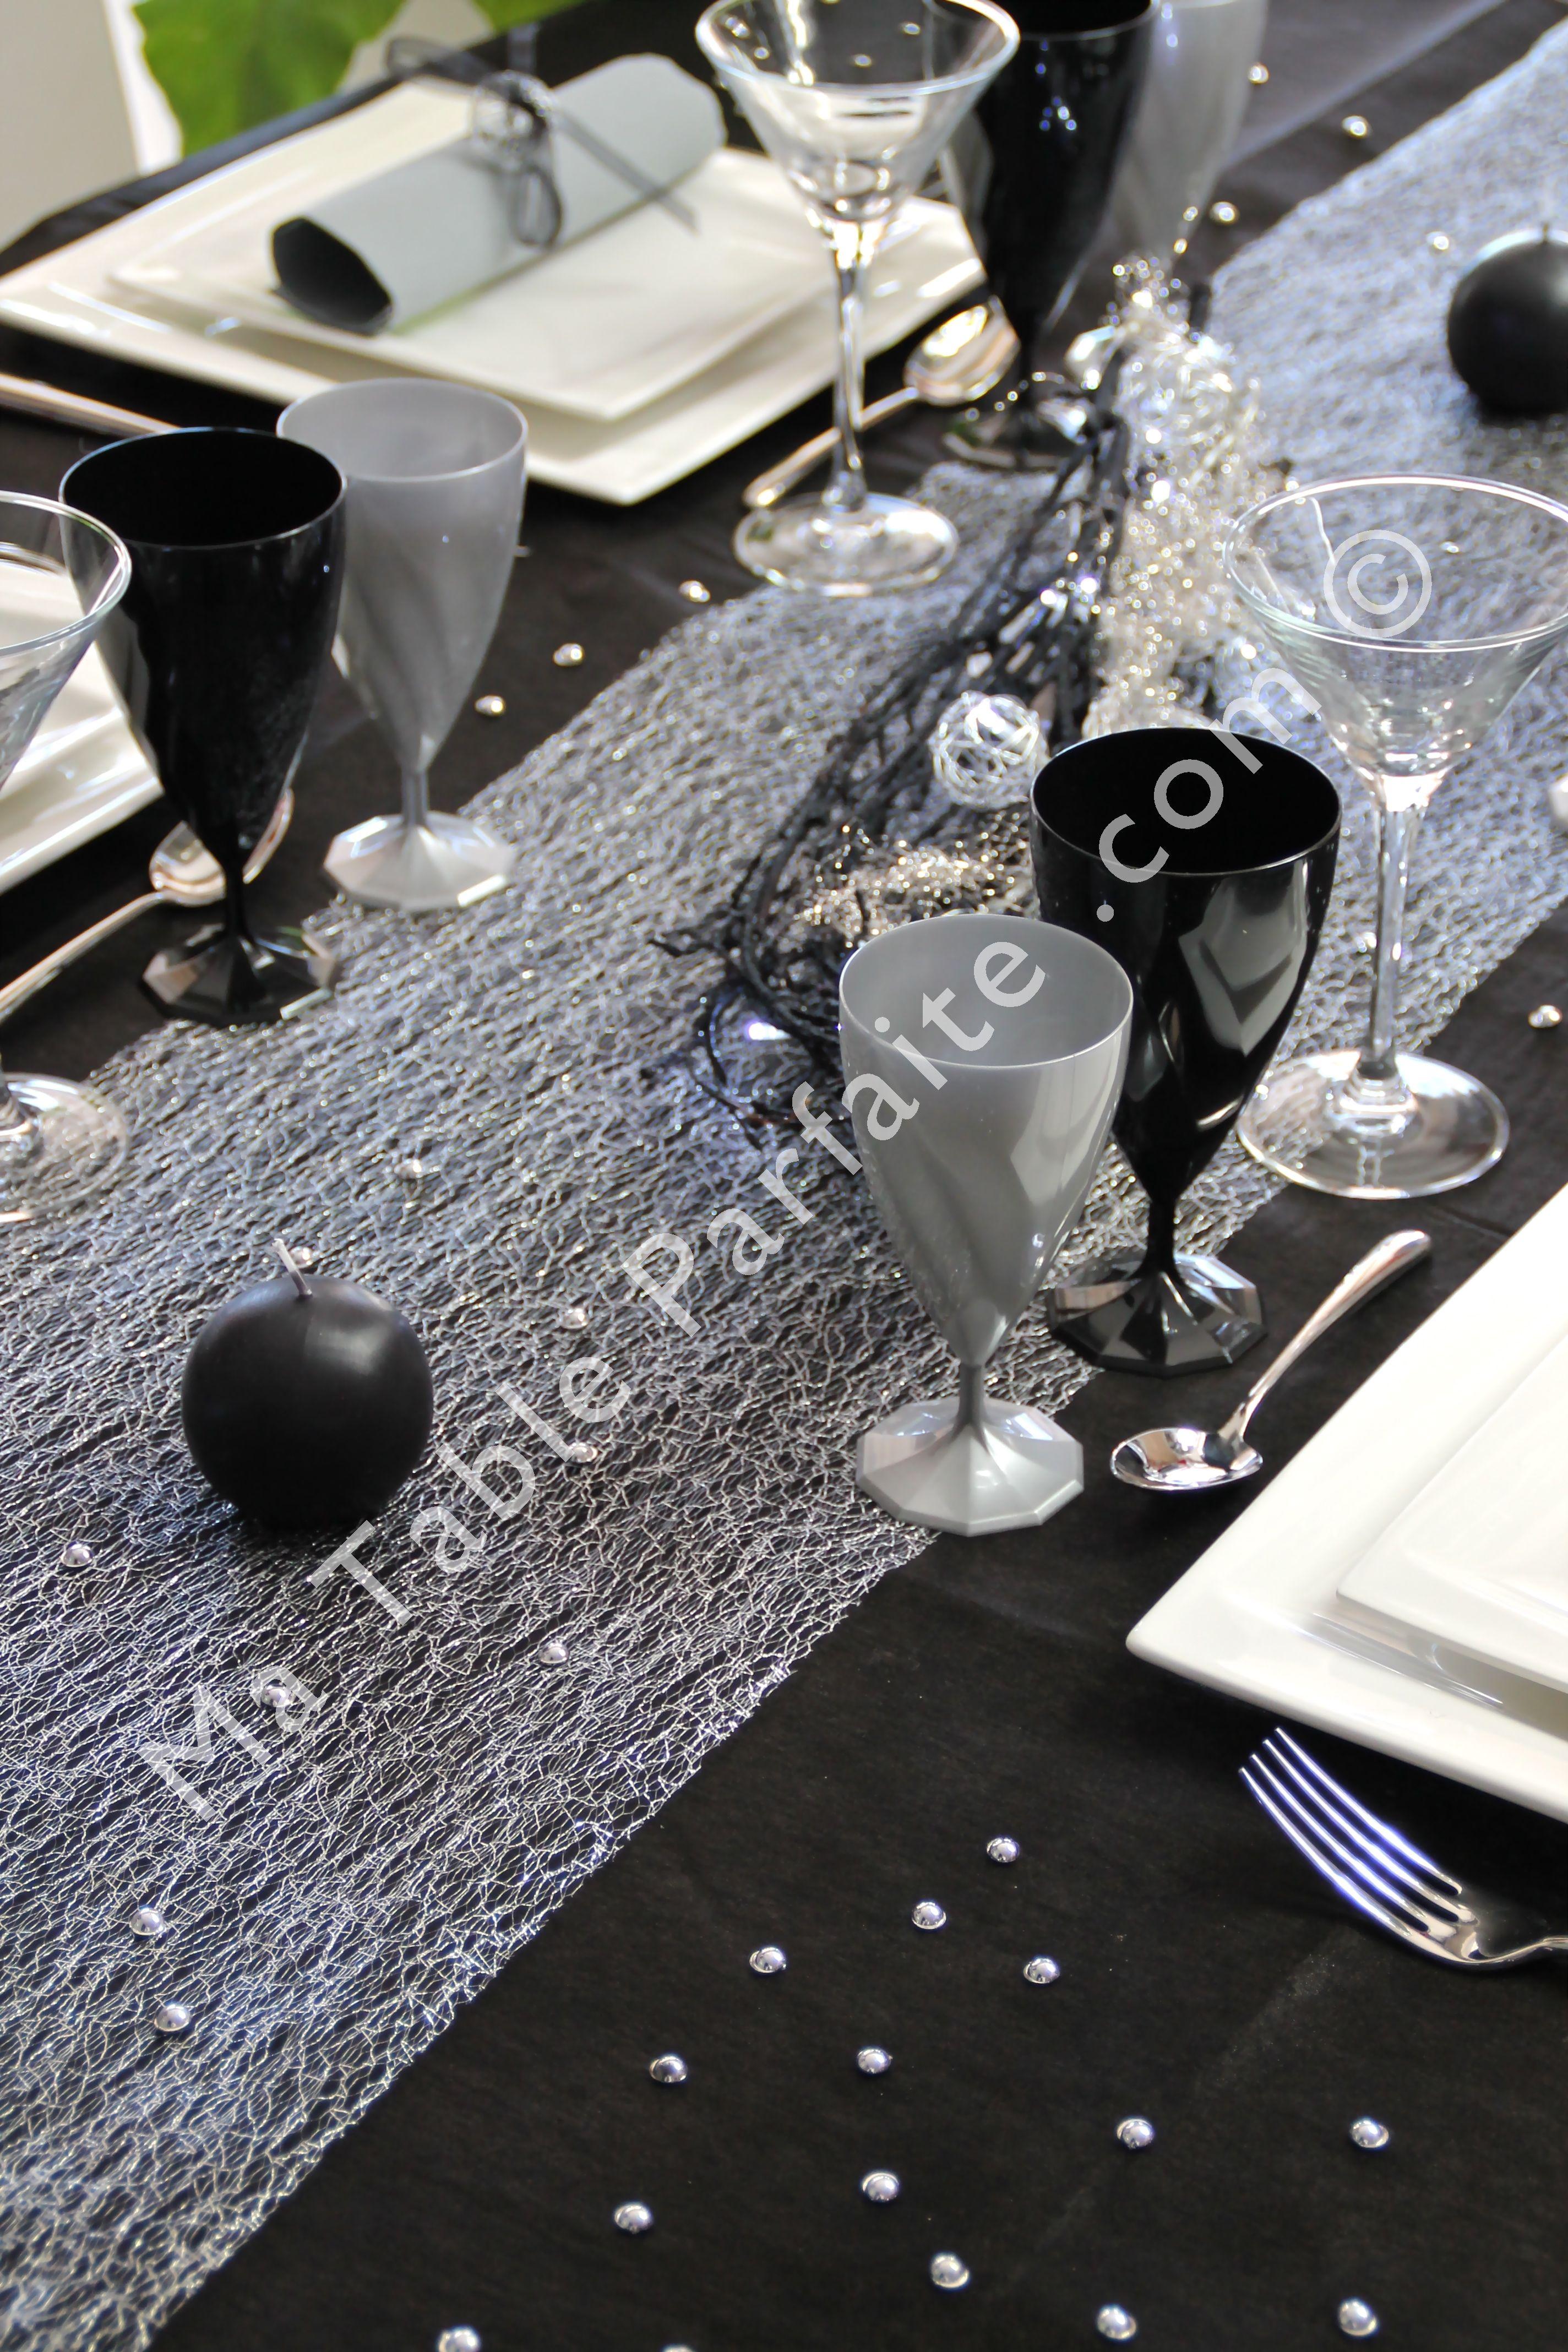 ambiance soir e chic pour le chemin de table cabaret de la. Black Bedroom Furniture Sets. Home Design Ideas